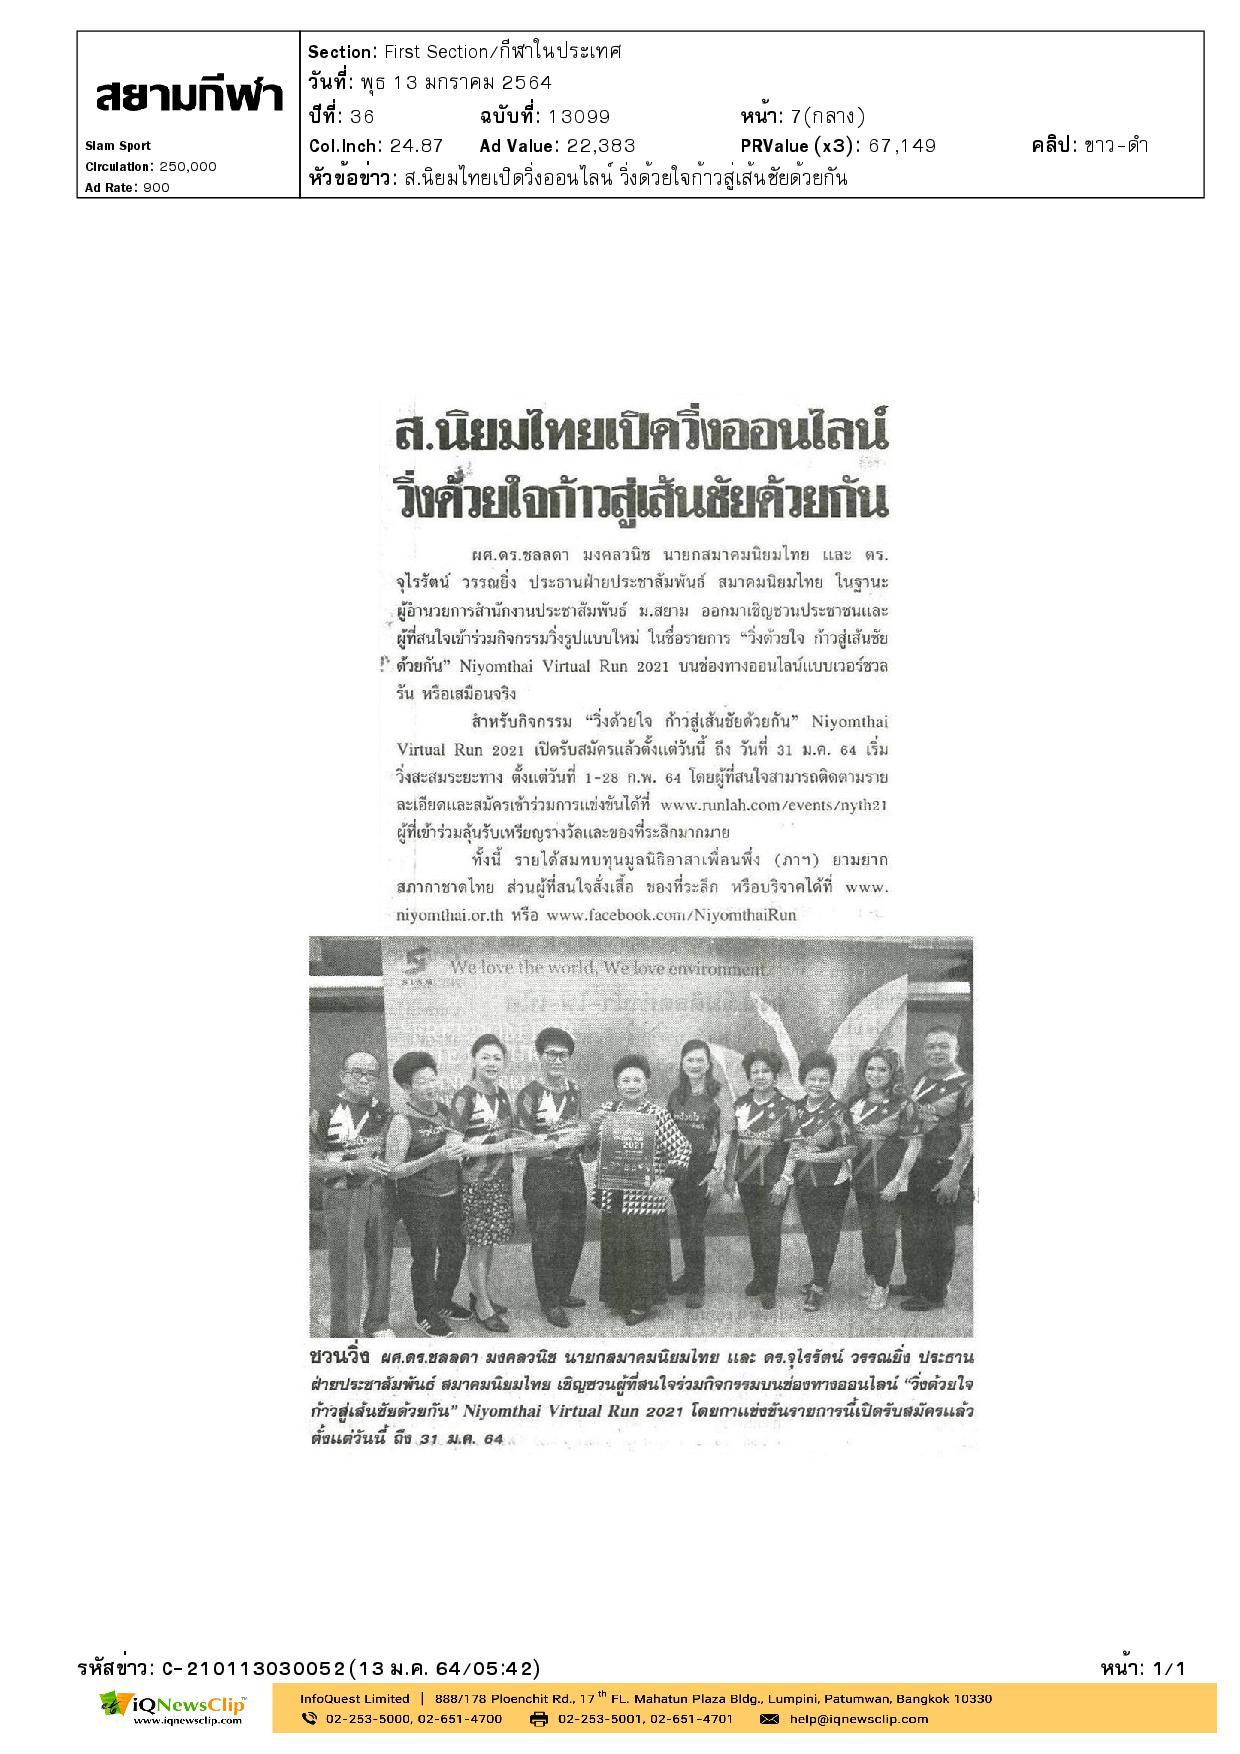 วิ่งออนไลน์ รายมอบให้แก่ มูลนิธิอาสาเพื่อนพึ่ง (ภาฯ) ยามยาก สภากาชาดไทย